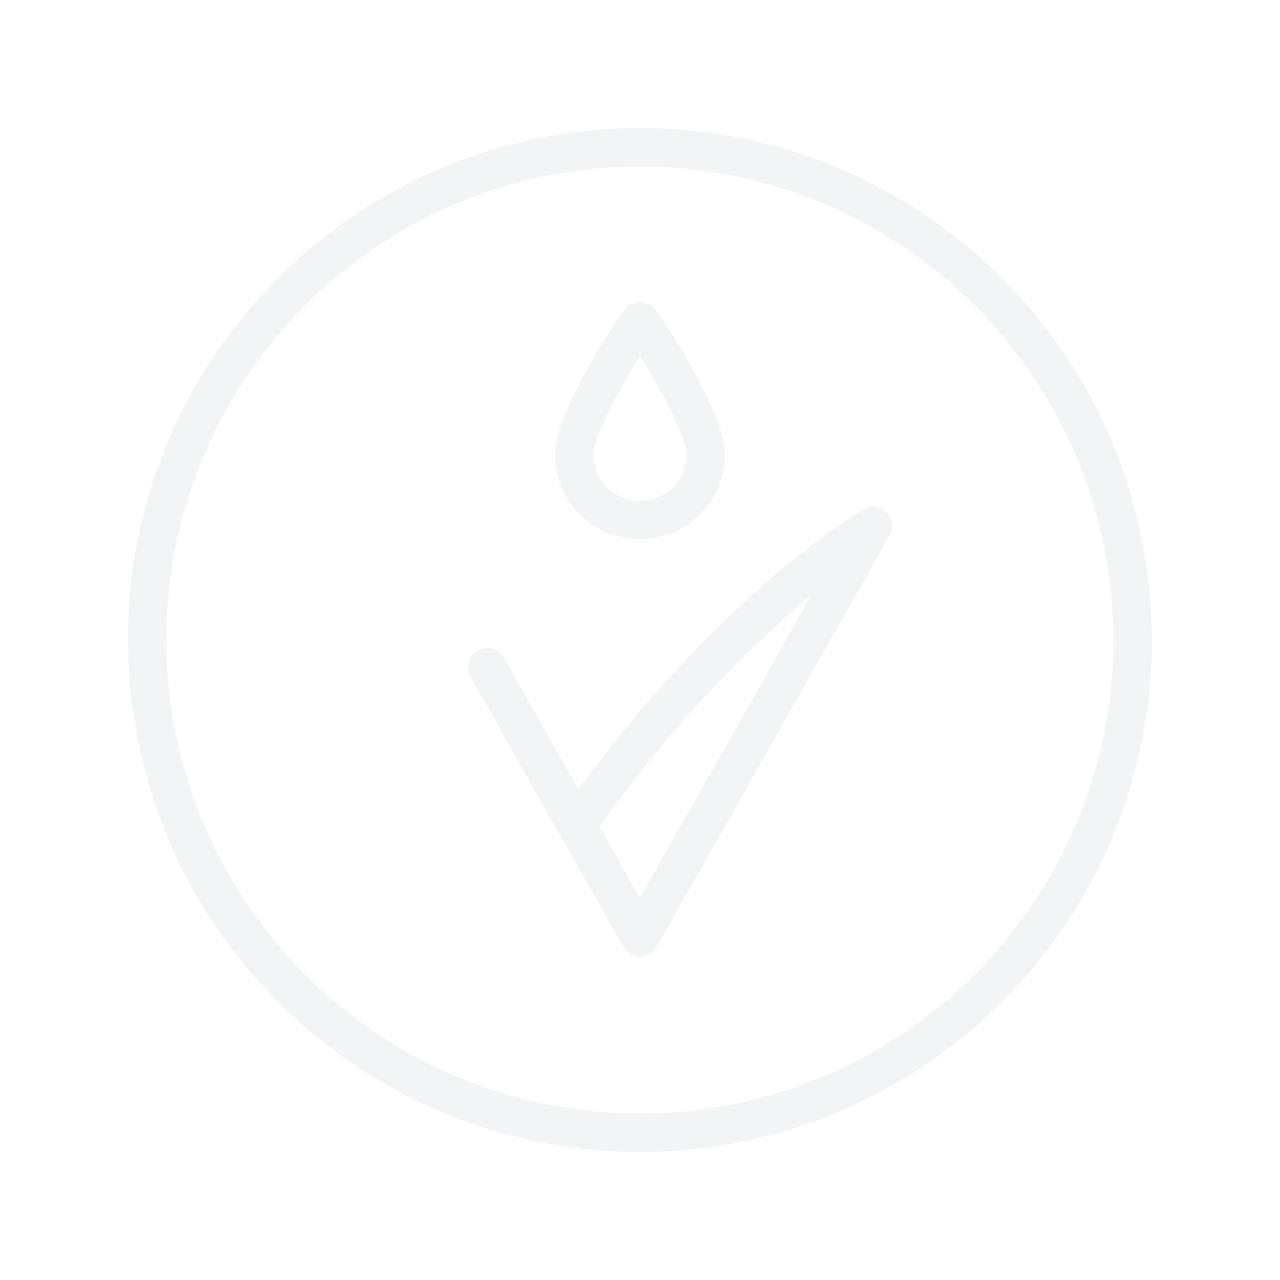 GUCCI Guilty Absolute Pour Femme 50ml Eau De Parfum Gift Set